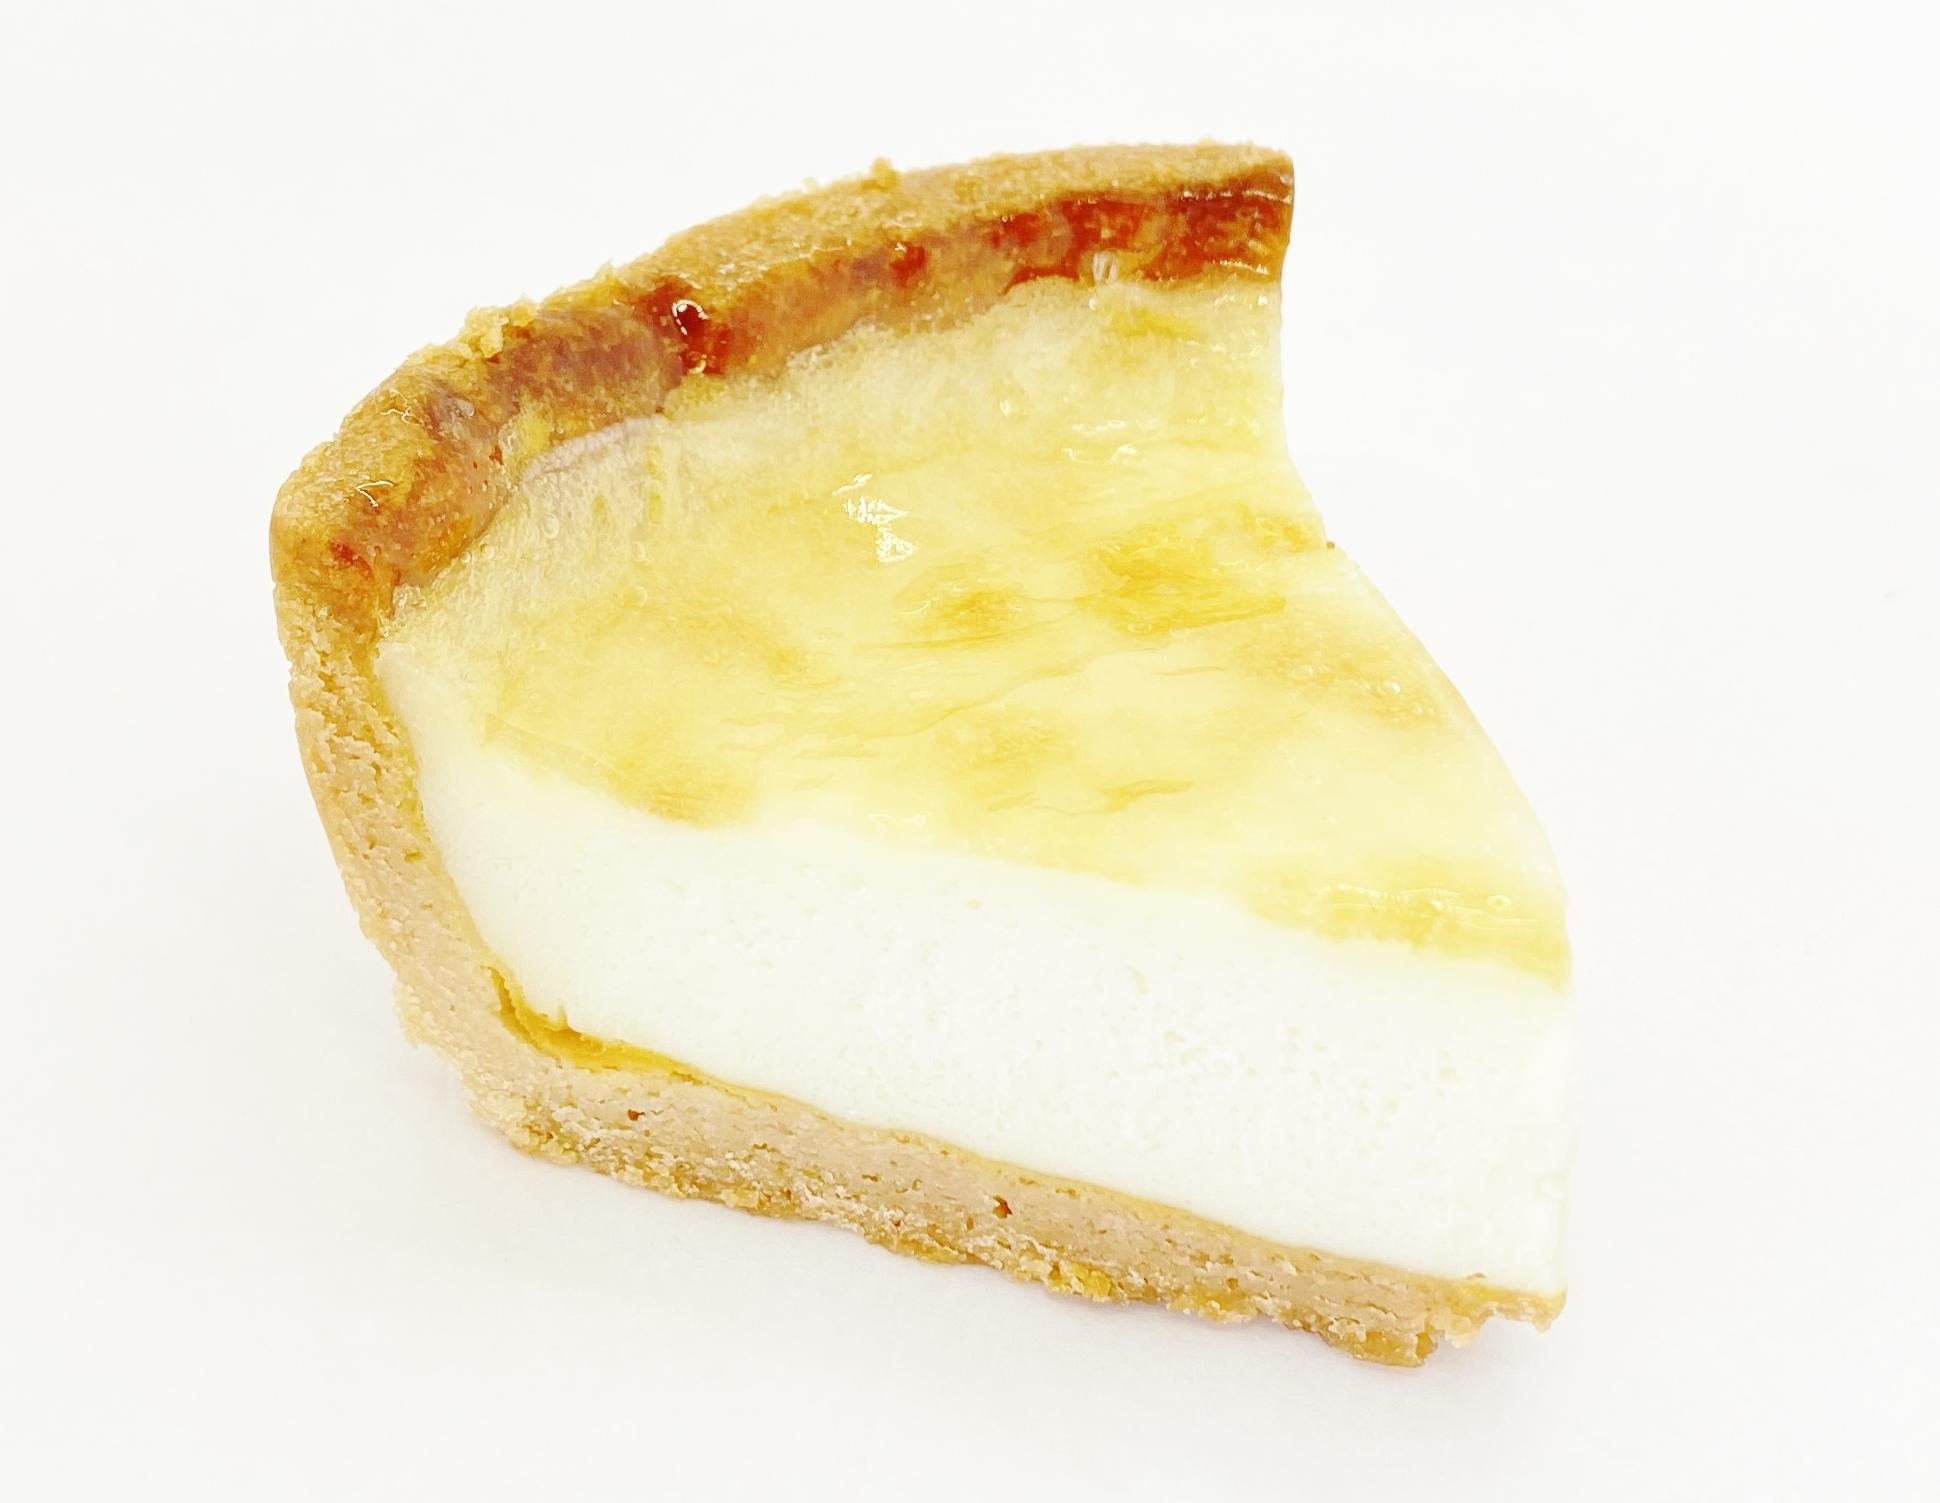 カマンベールチーズ 442円